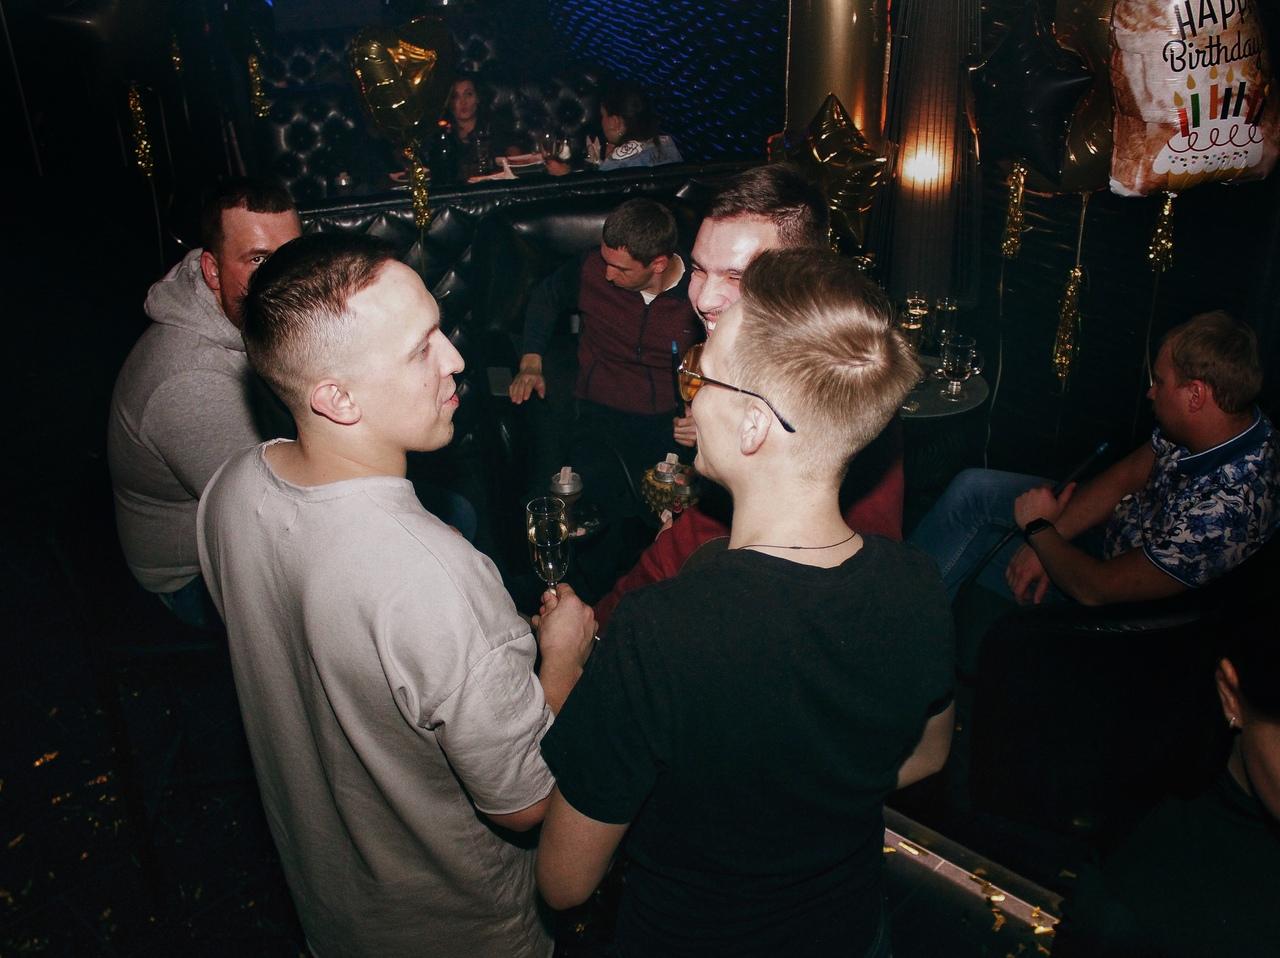 Закрытый клуб киров девушки на ночном клубе видео стриптиз